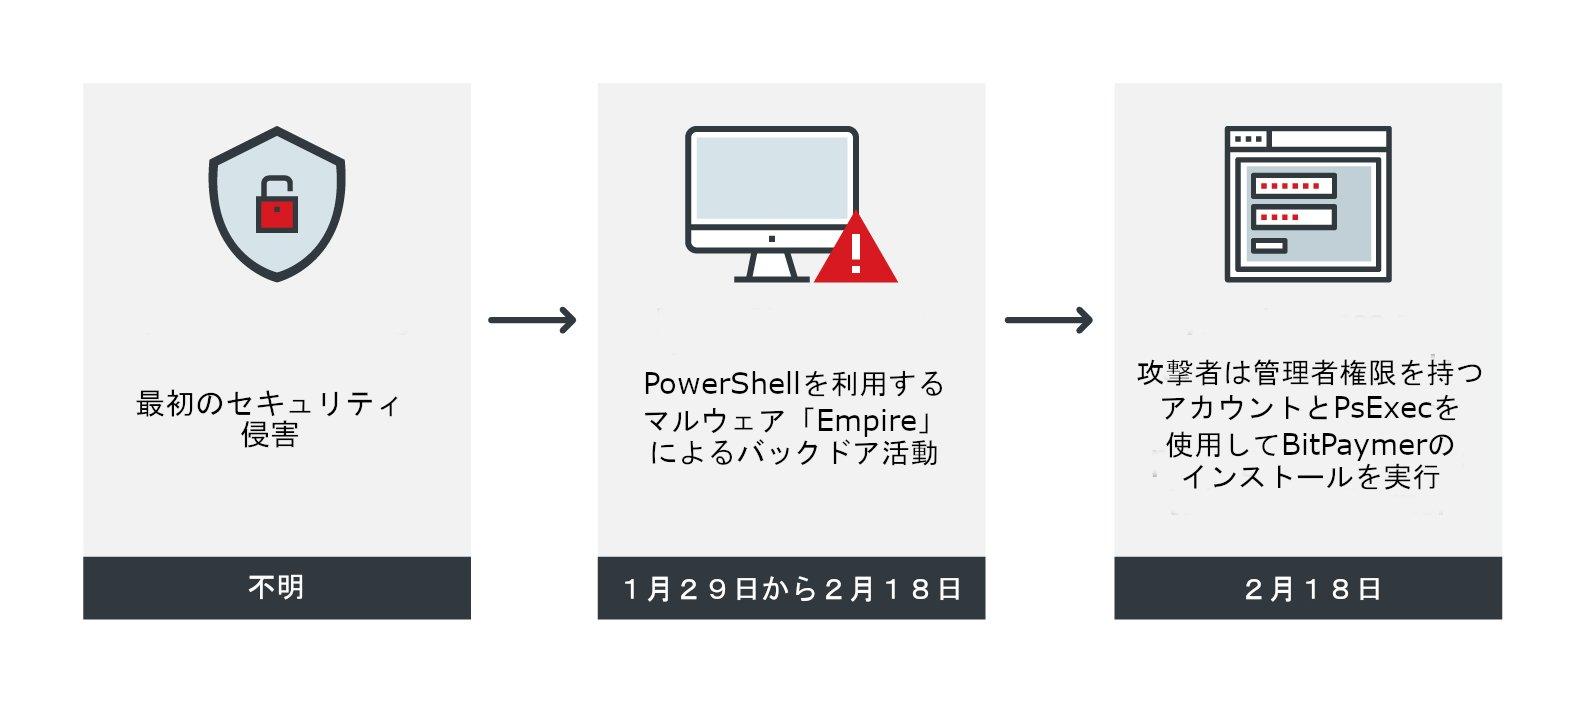 図1:暗号化型ランサムウェア「BitPaymer」の感染の流れ